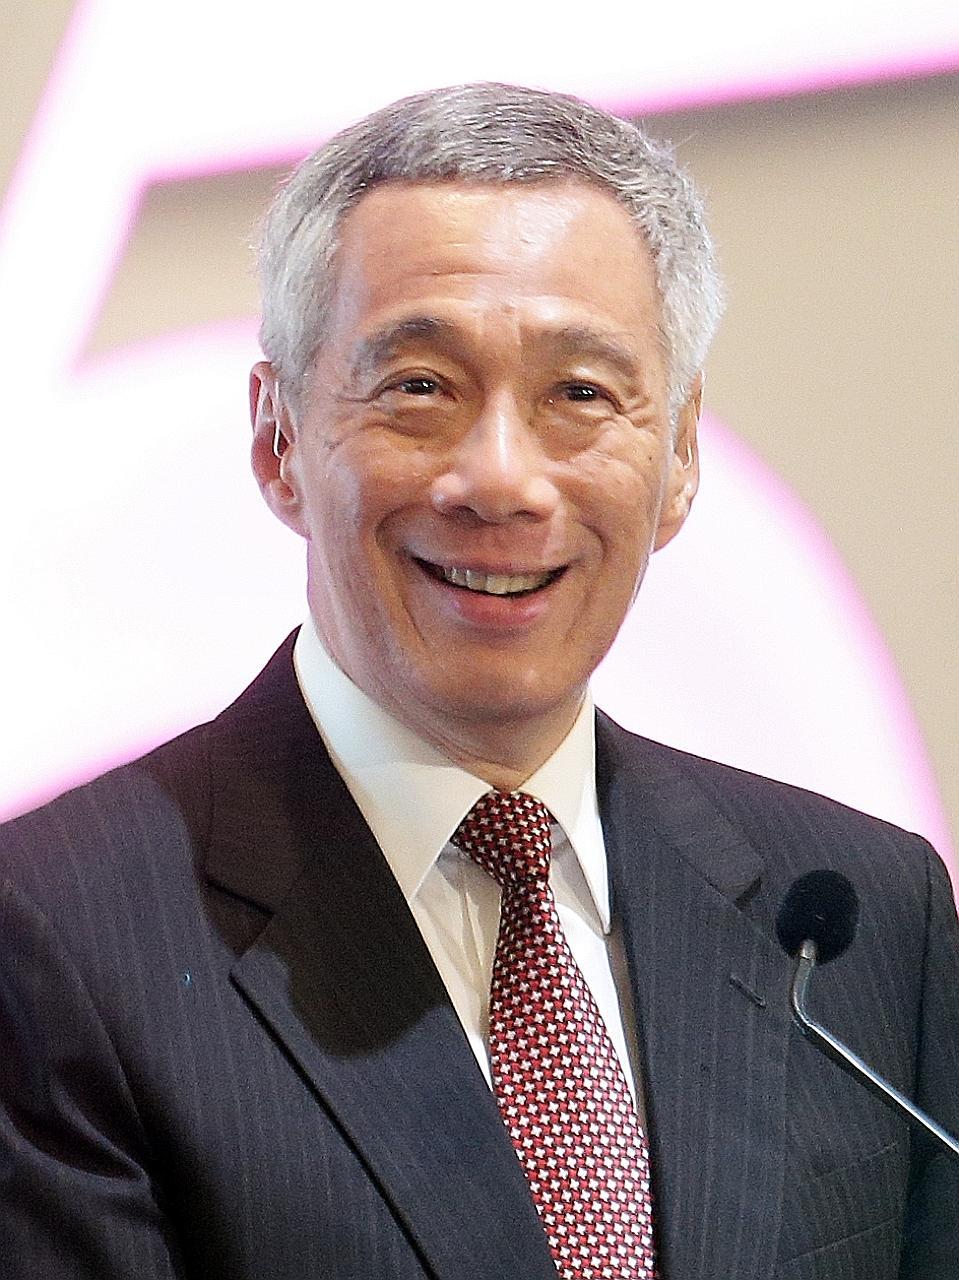 Semangat mahu maju, saling bantu jadi kayu ukur pencapaian Singapura